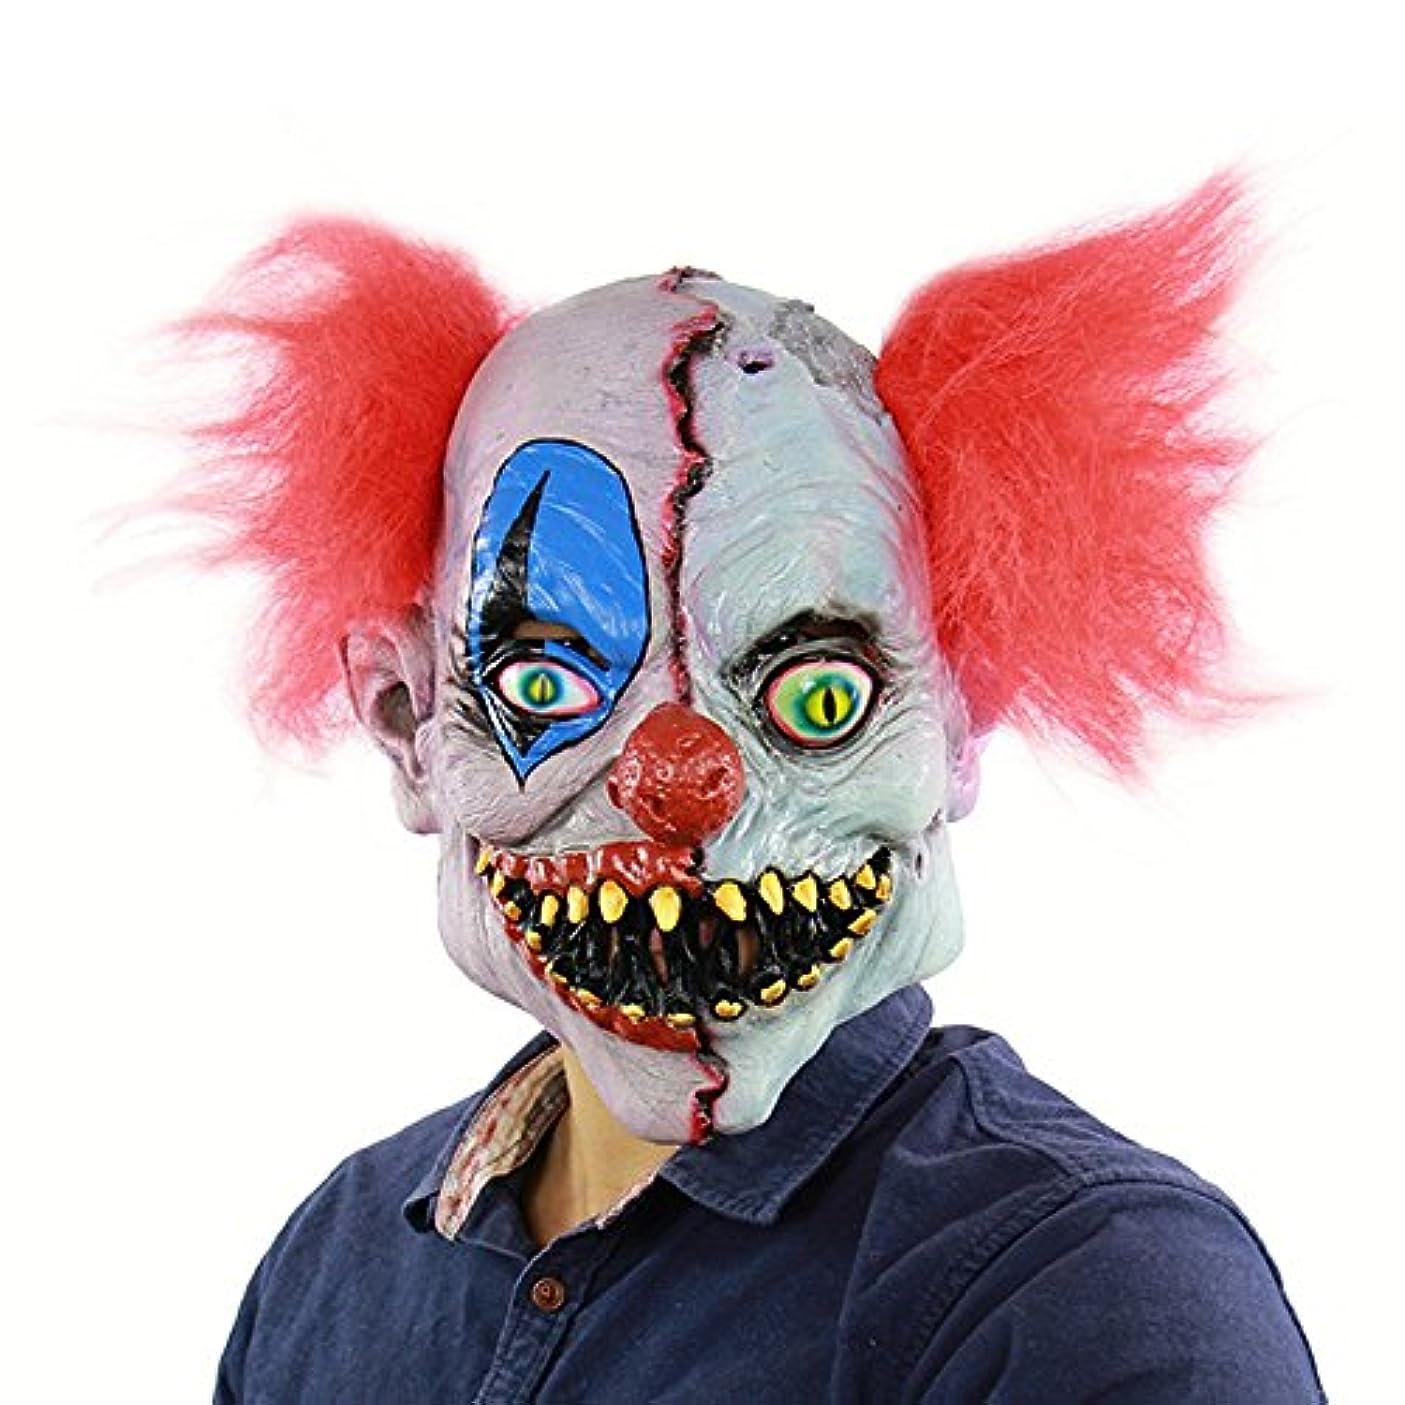 価格ストラップかごハロウィンホラー腐った顔ピエロラテックスゴーストマスクお化け屋敷ドレッシングヘッドカバー